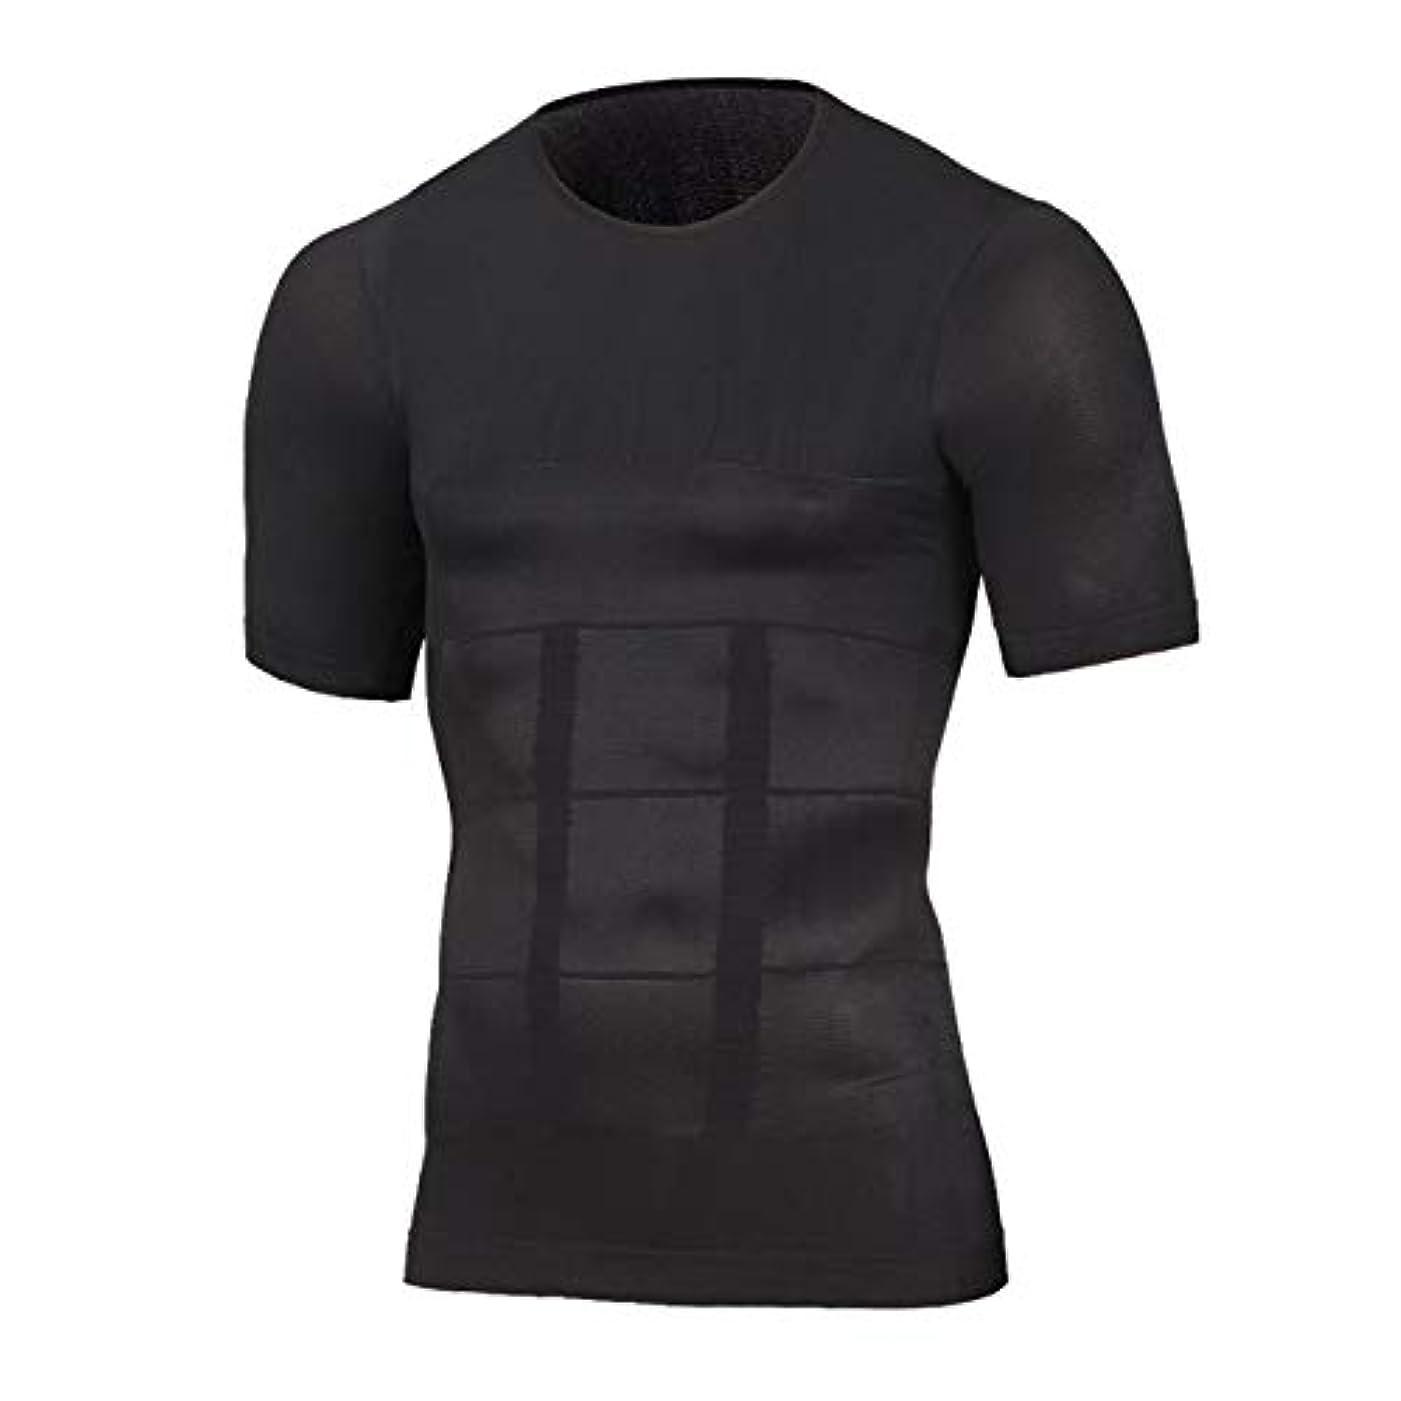 ギャンブル発行する甲虫OneHealth 加圧シャツ メンズ 加圧インナー 半袖 着圧 コンプレッションウェア ダイエット (ブラック, M)